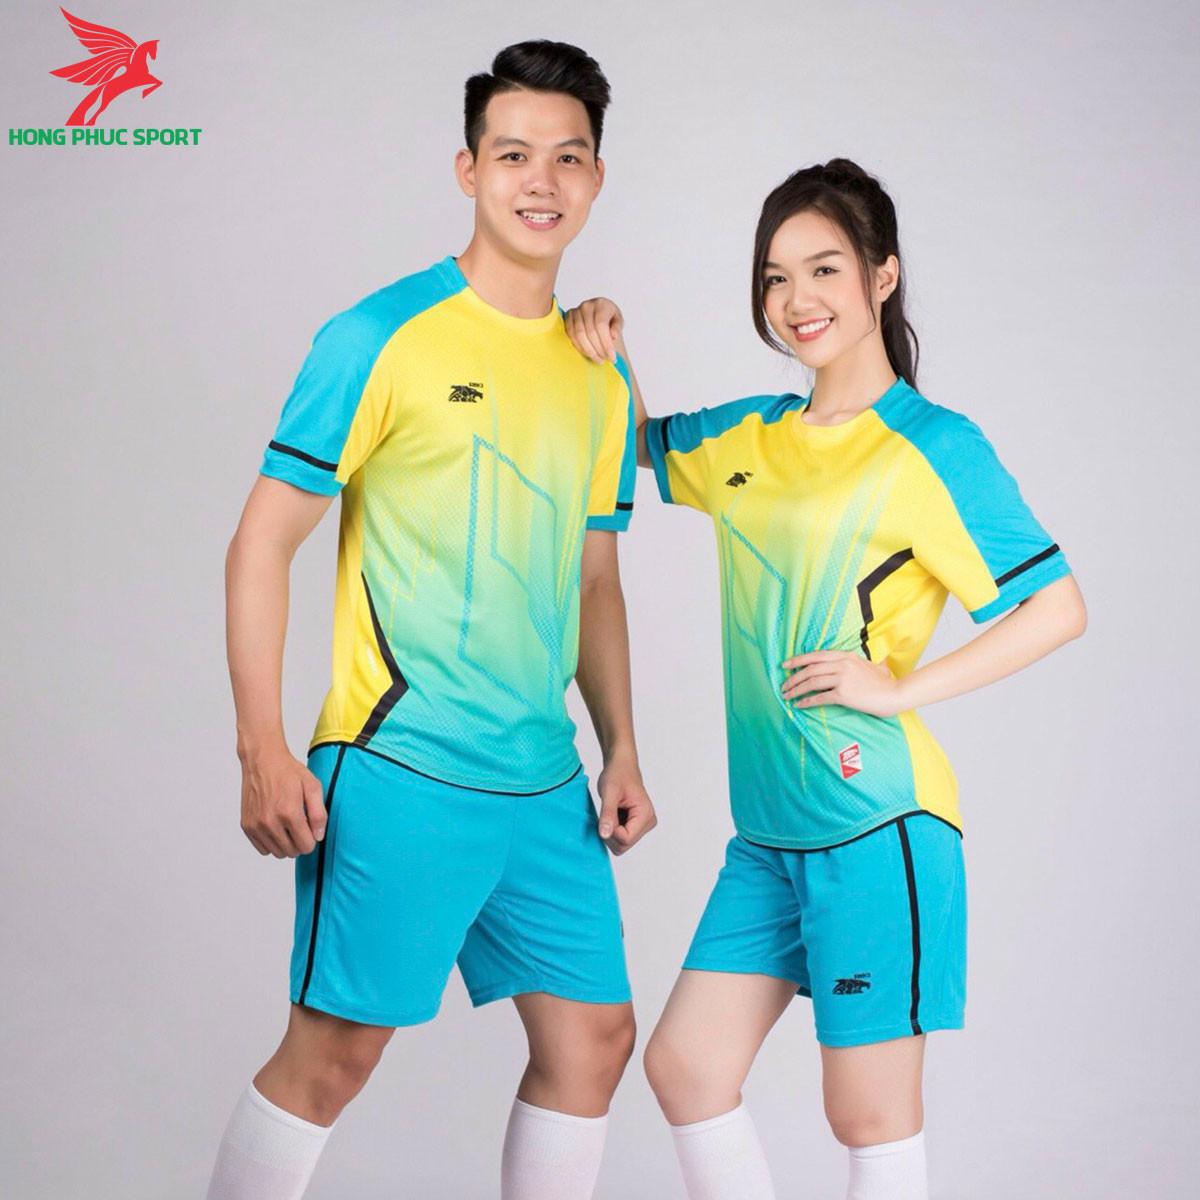 áo bóng đá không logo Riki Airmaxx Vàng